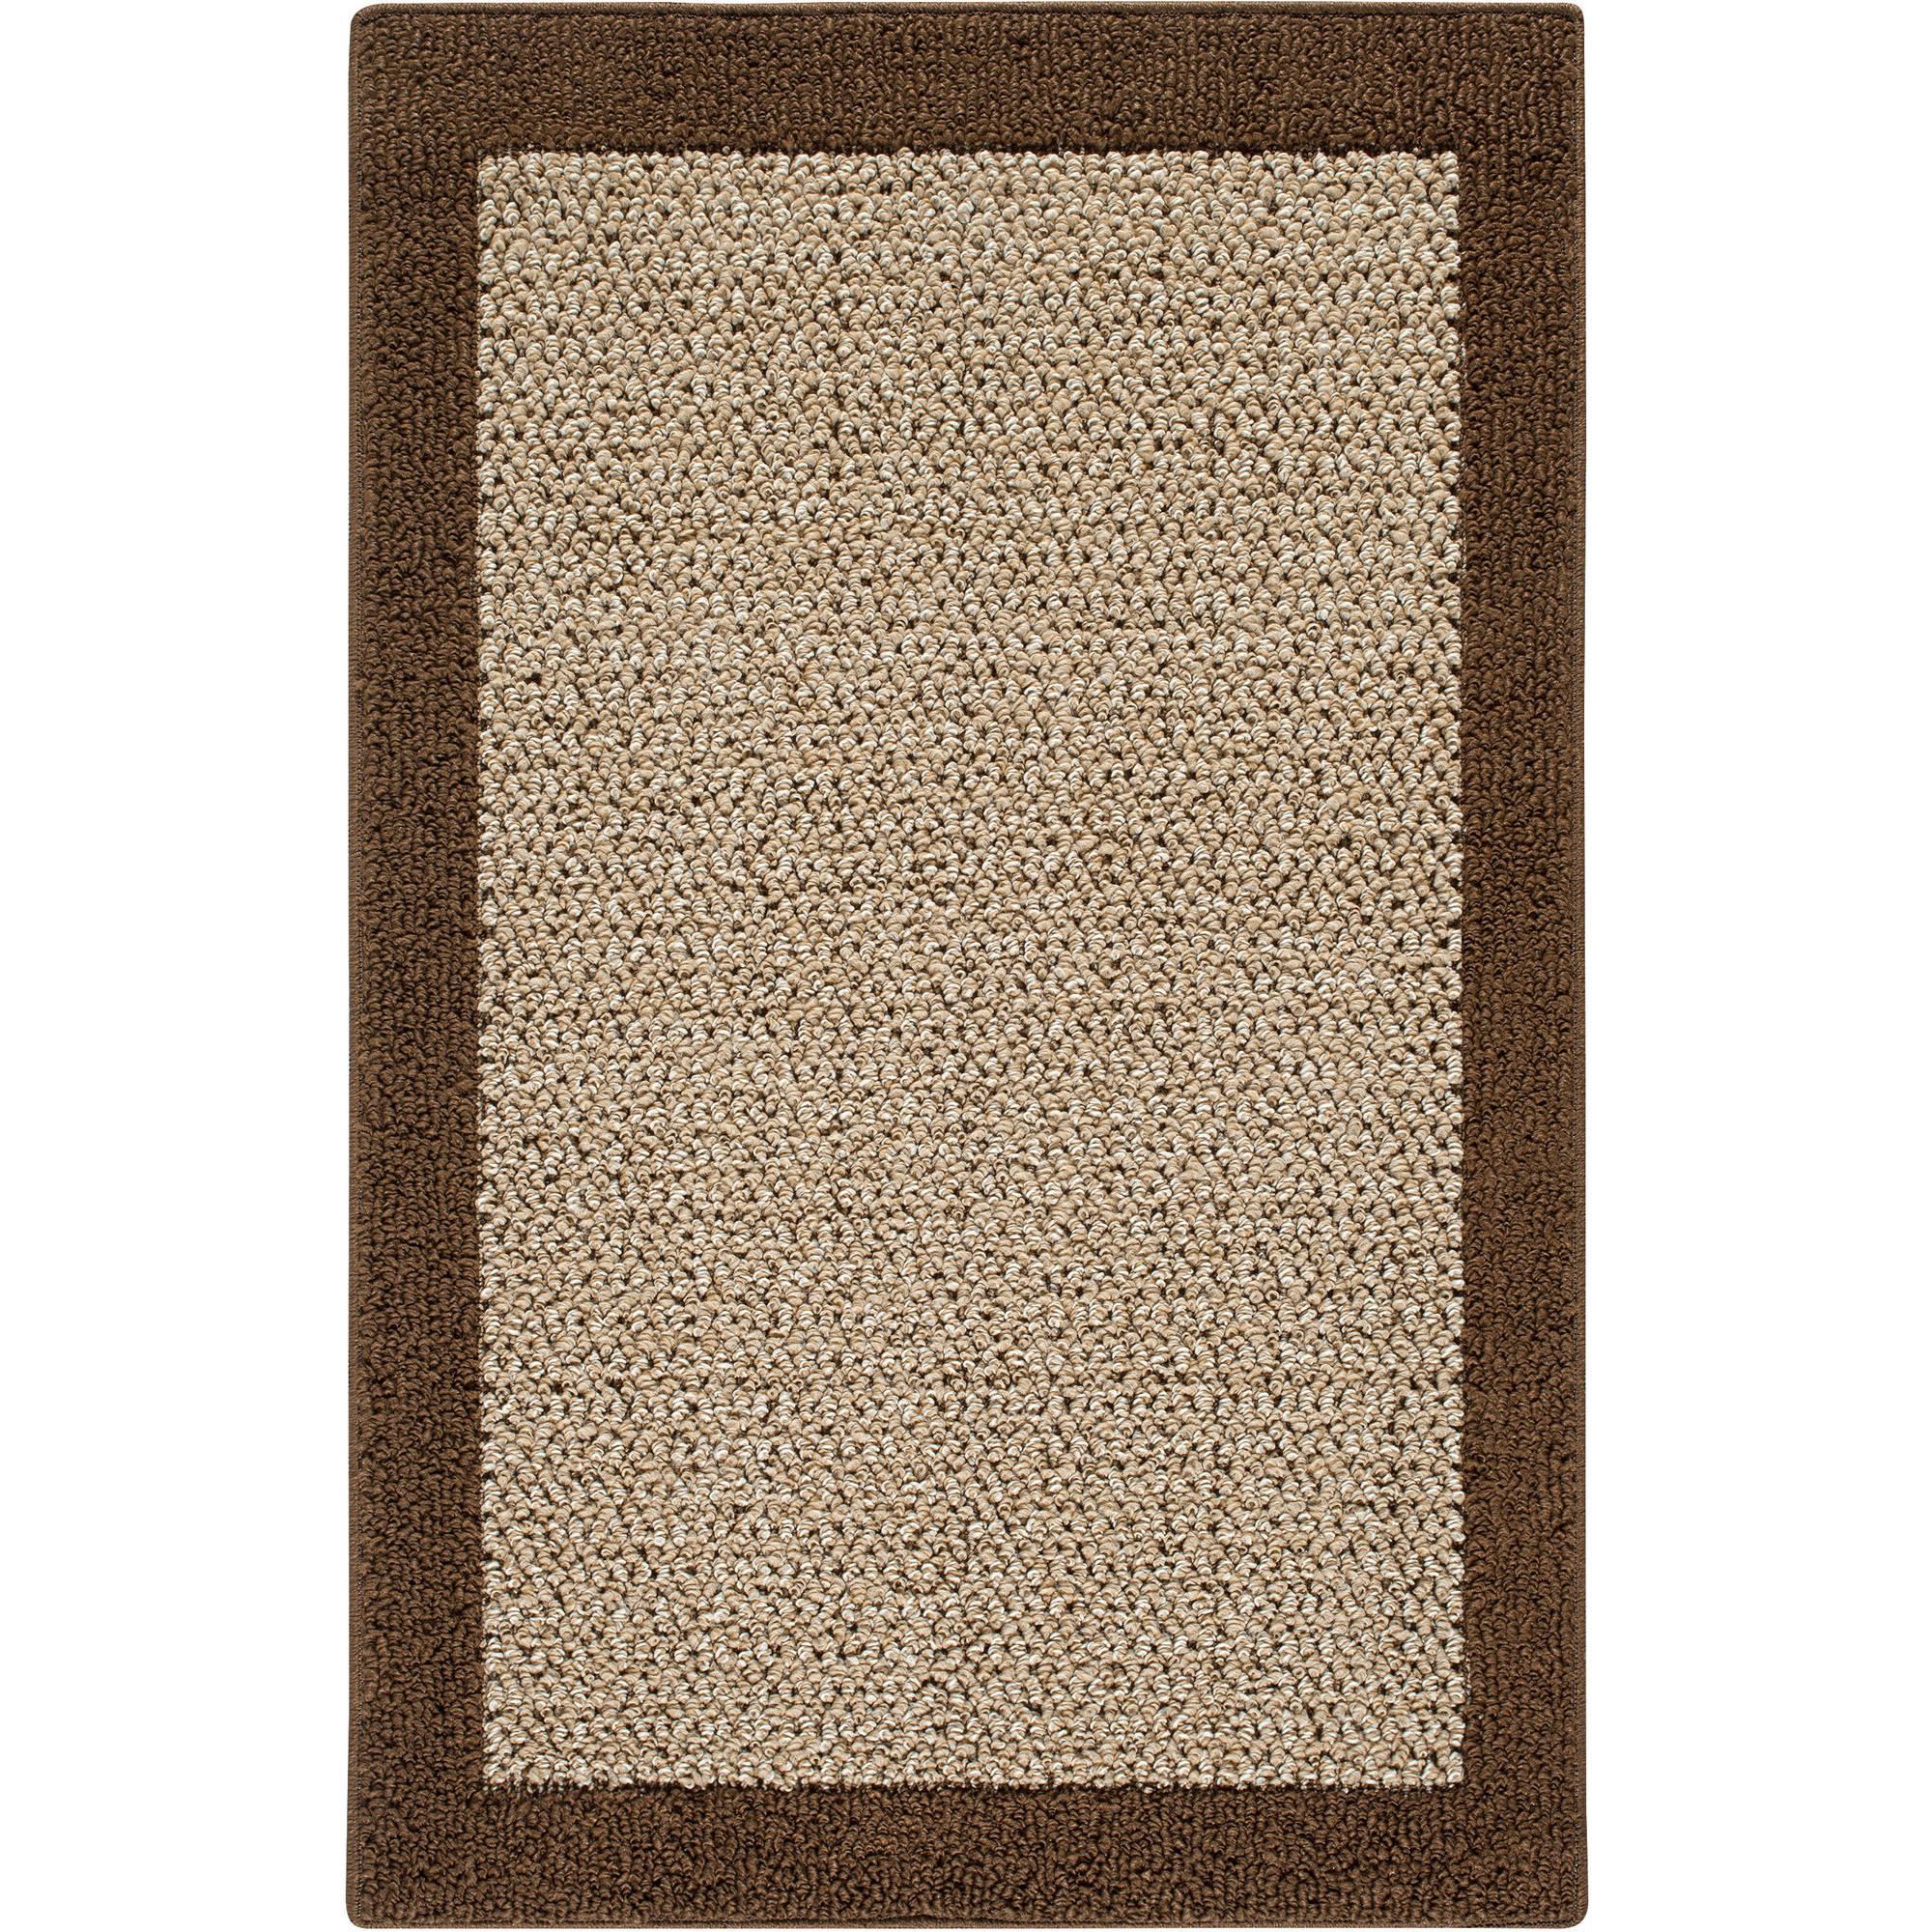 sisal rugs mainstays faux sisal area rugs or runner ZMIHBVT